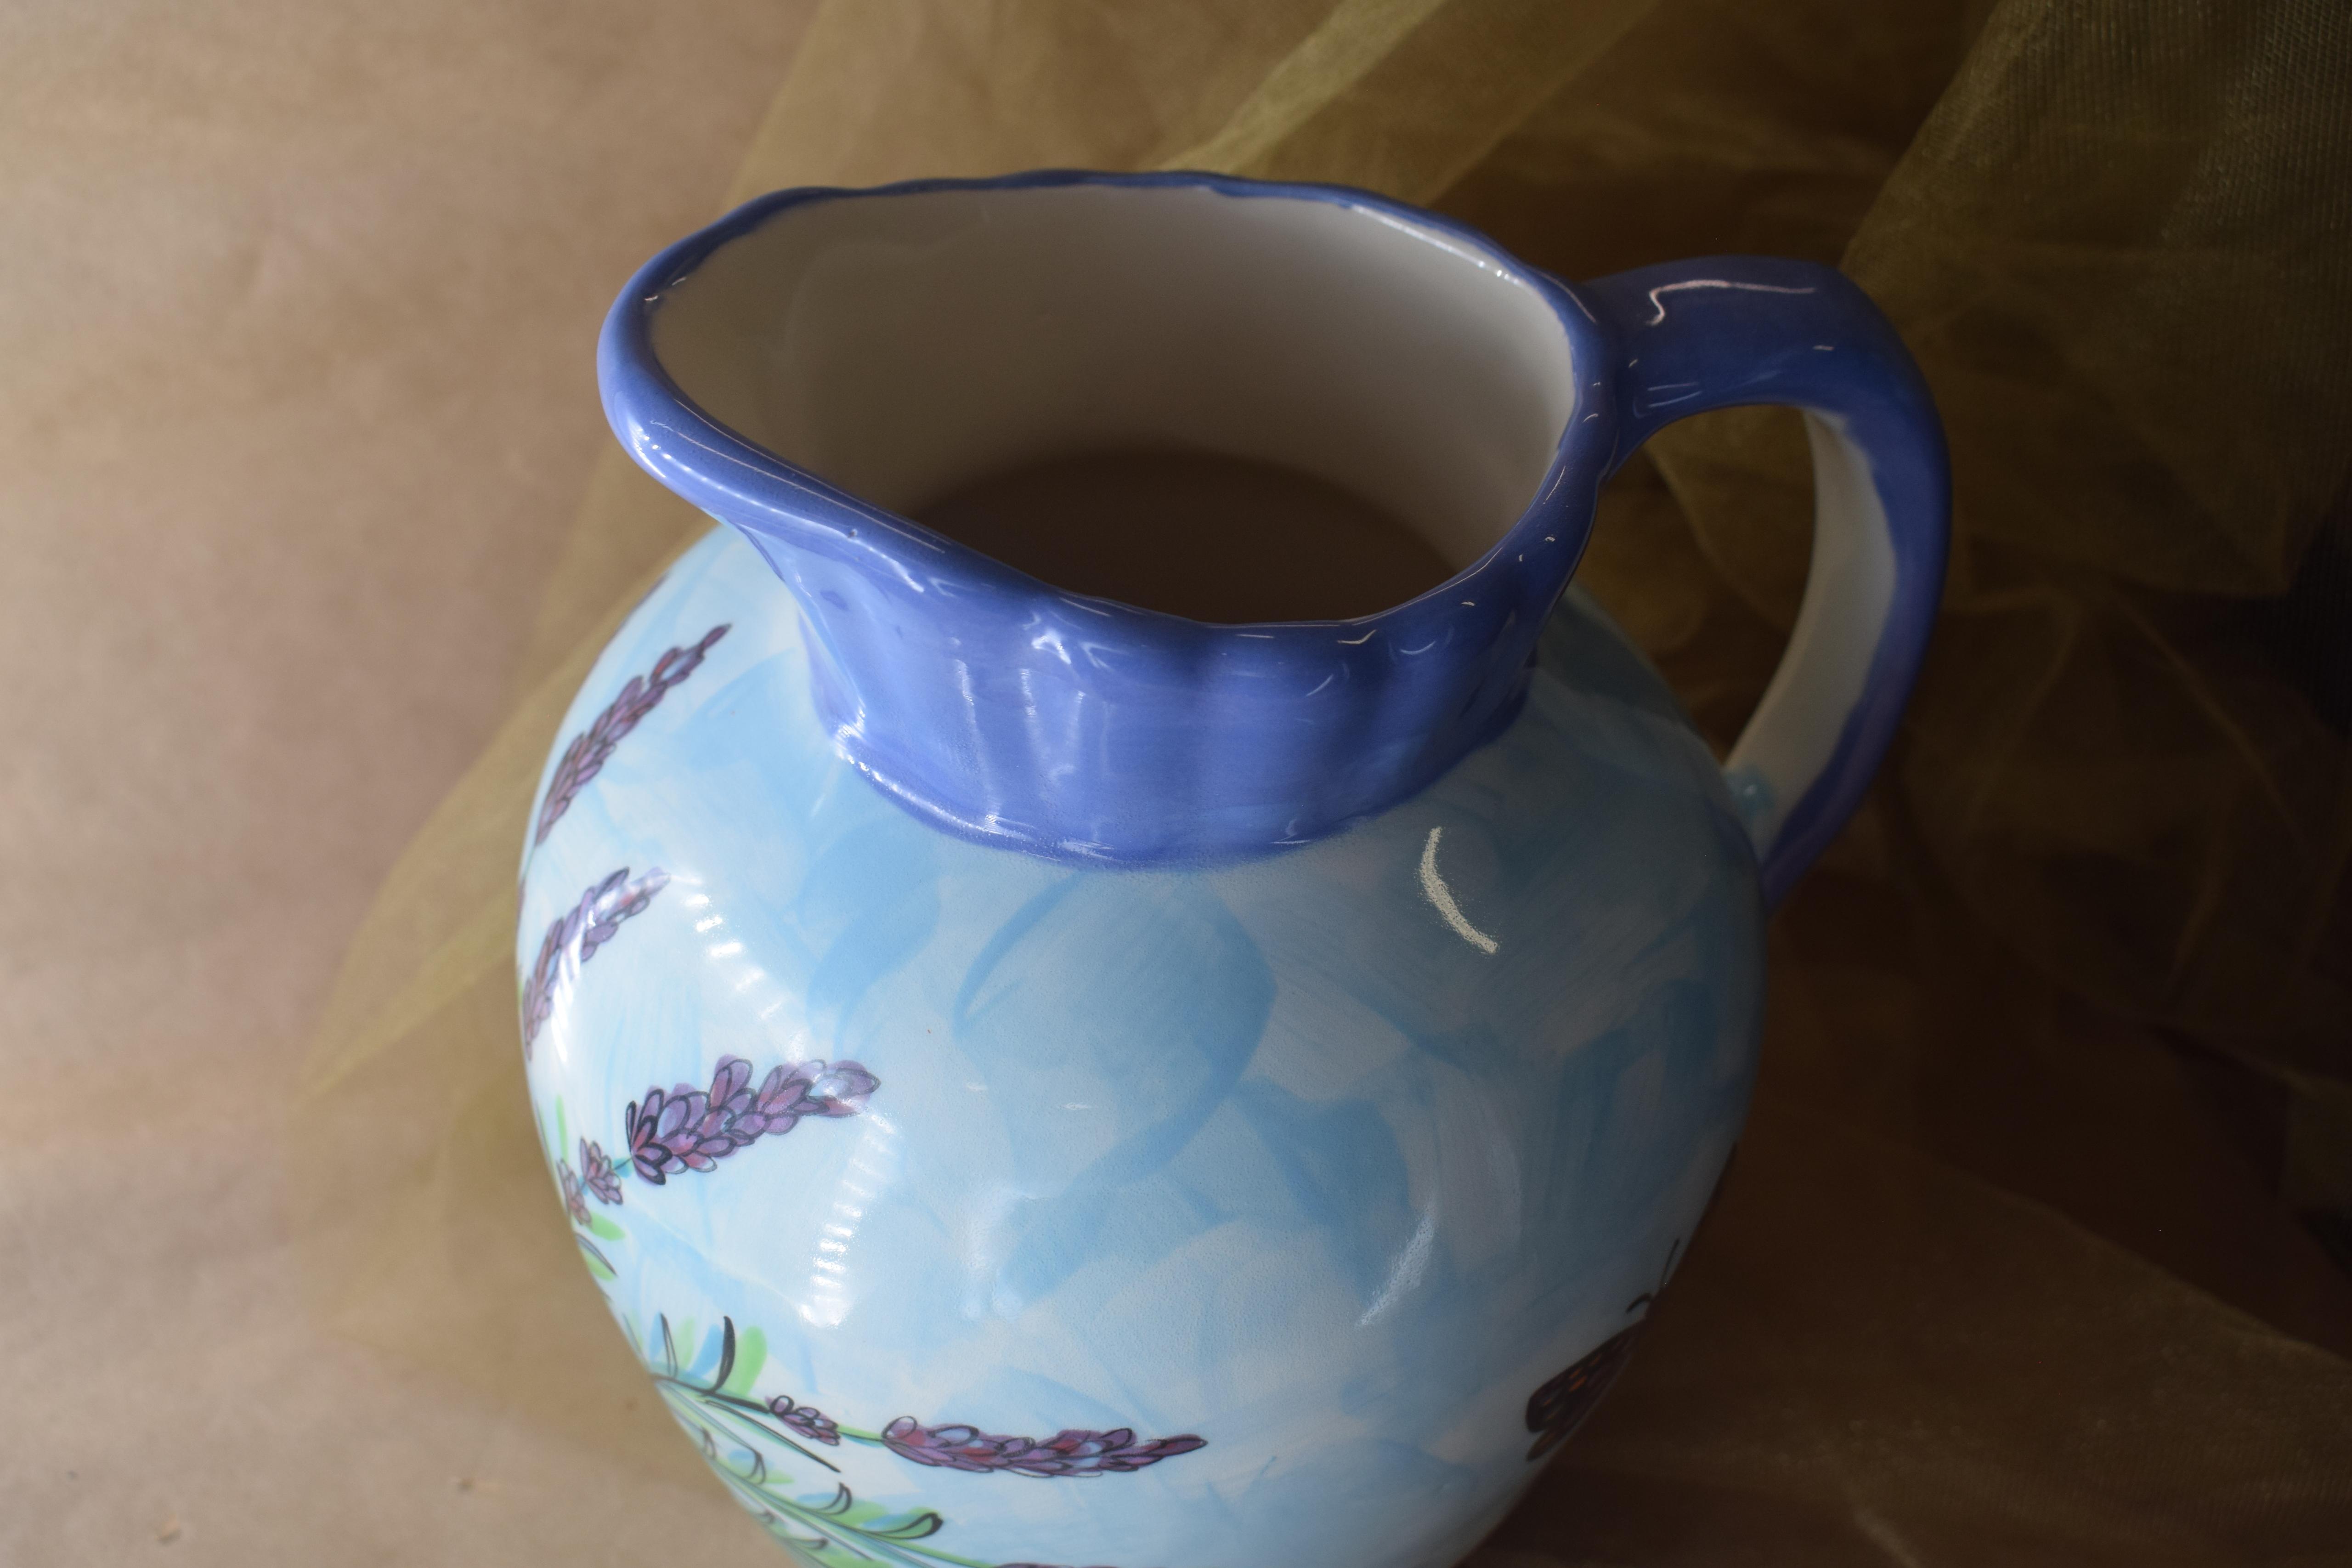 (LP03-EL) Large Pitcher- English Lavender